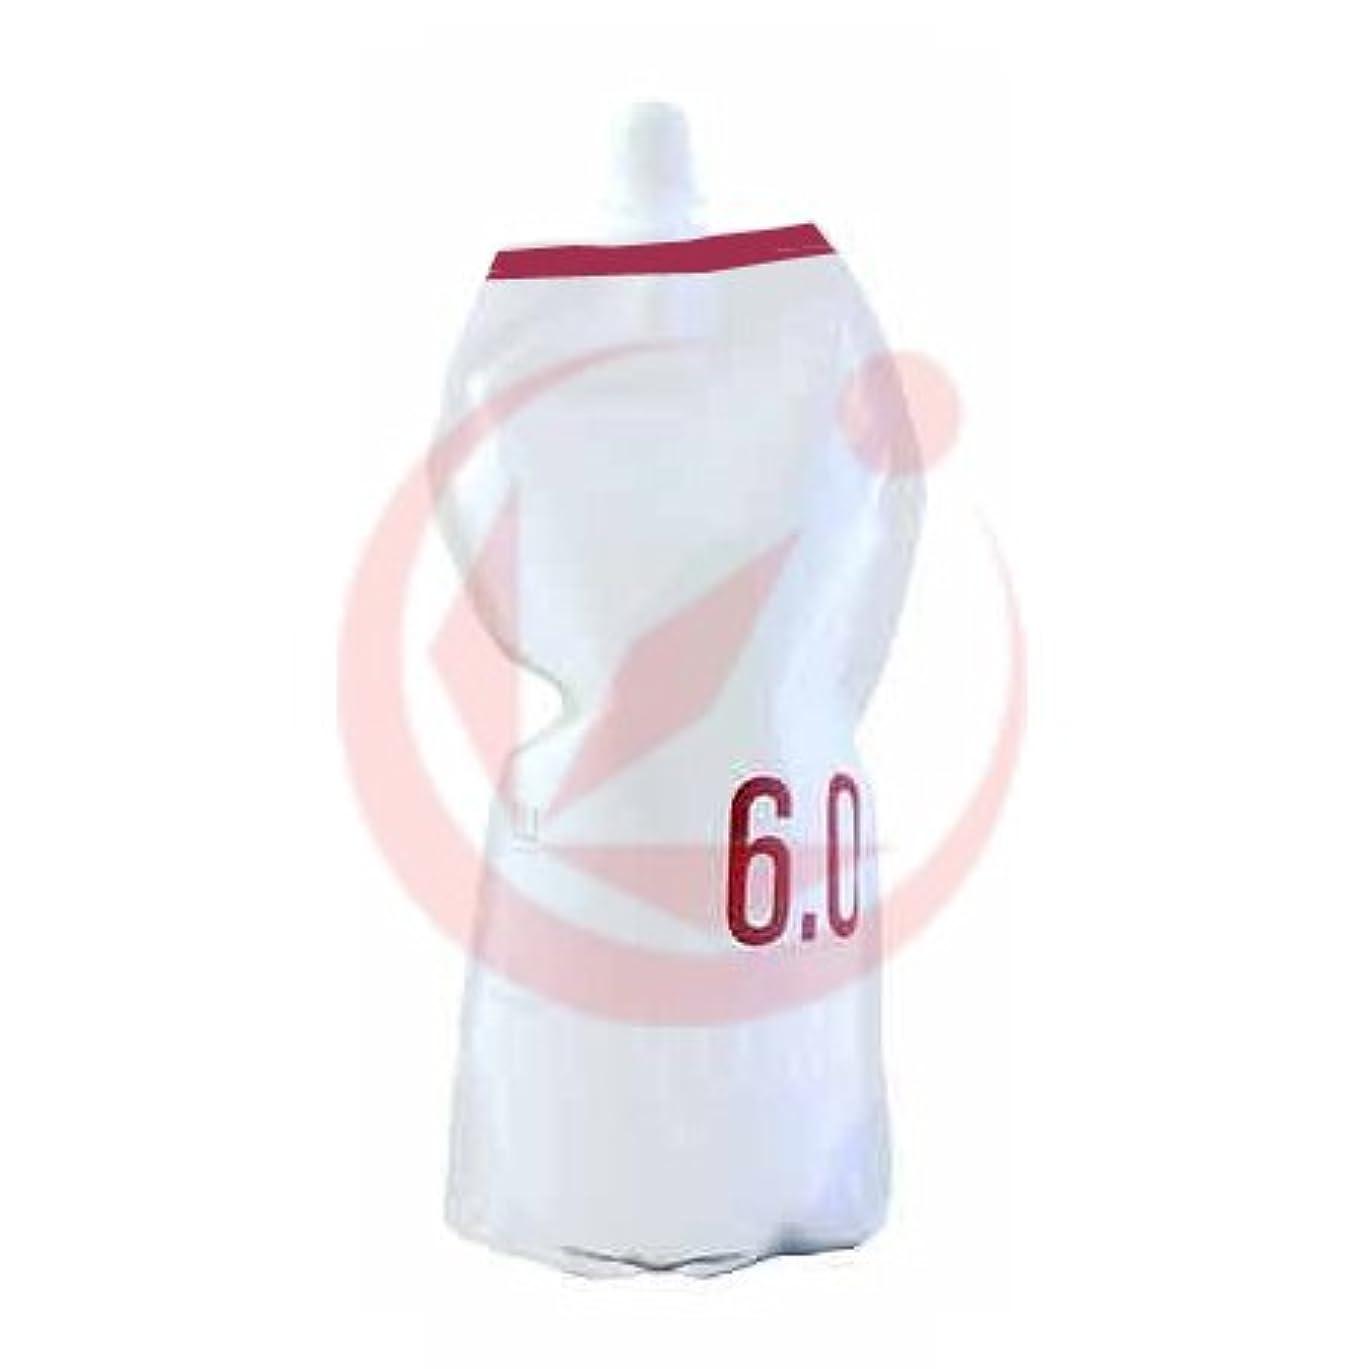 キャンプ簡潔なしがみつくナンバースリー プロアクション リクロマ オキシ(OX) 1200ml(2剤) 6.0%*